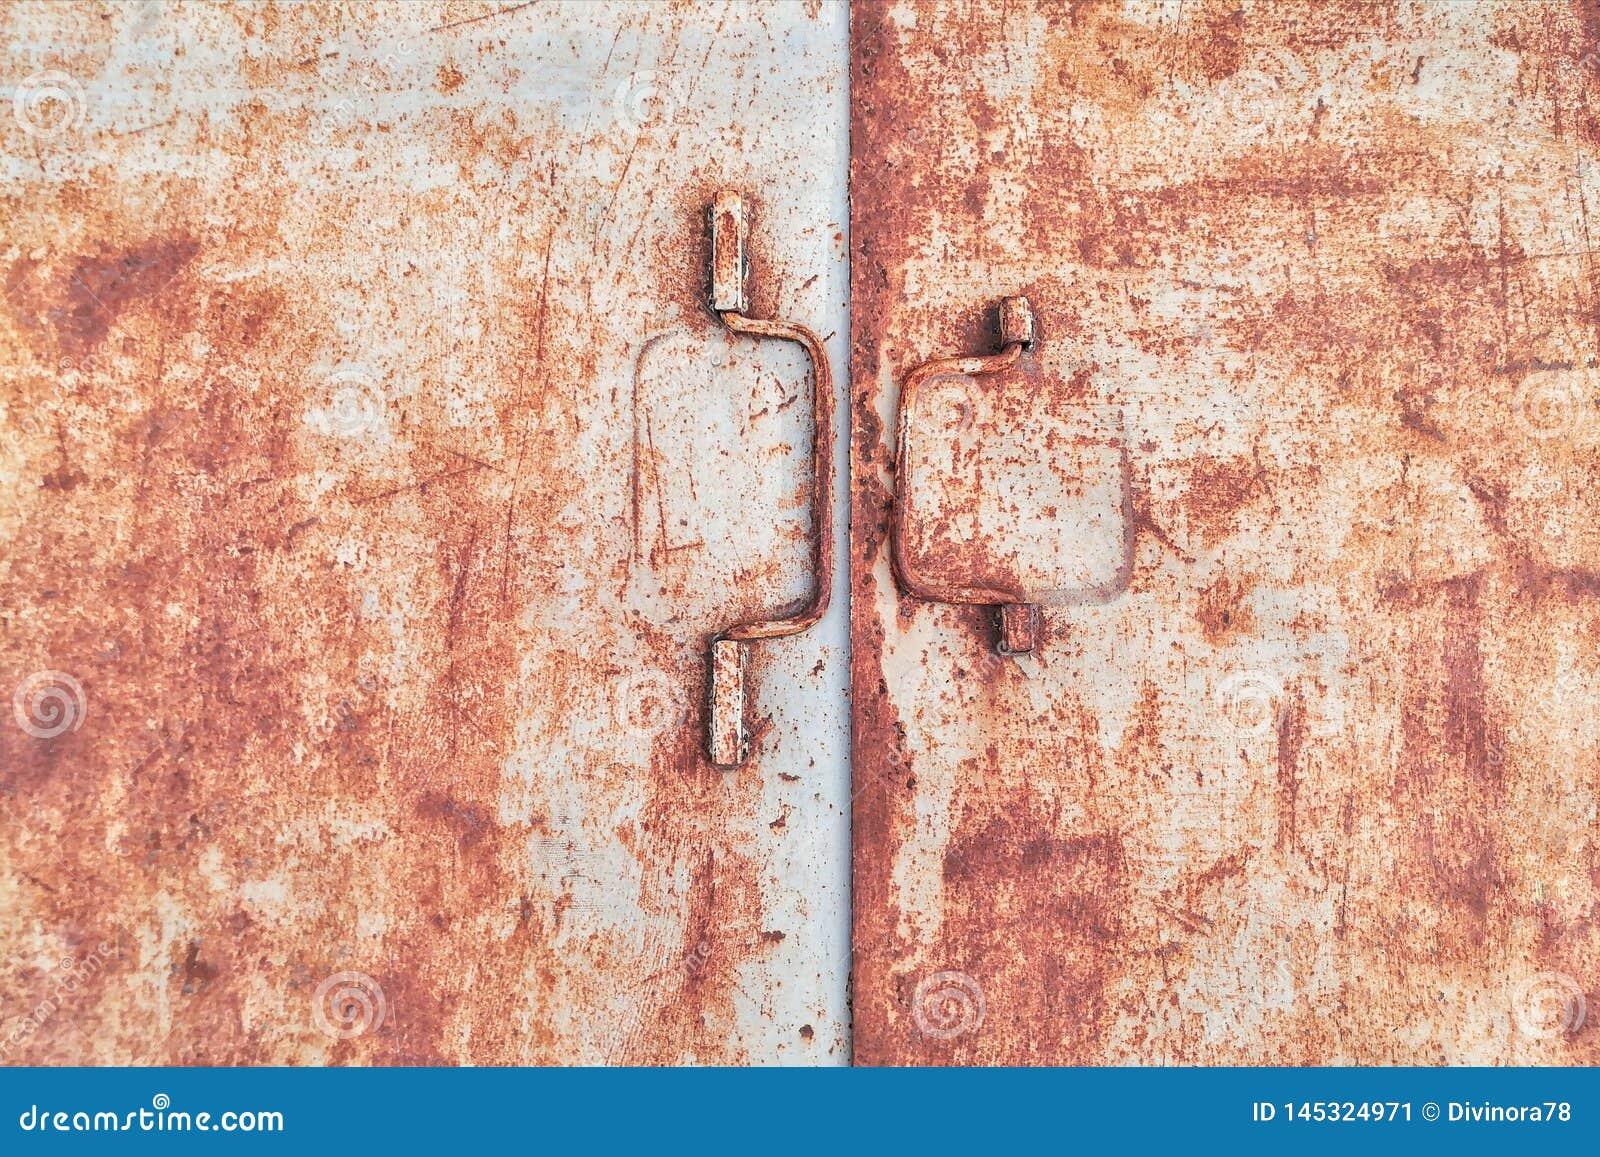 Old rusty iron door.